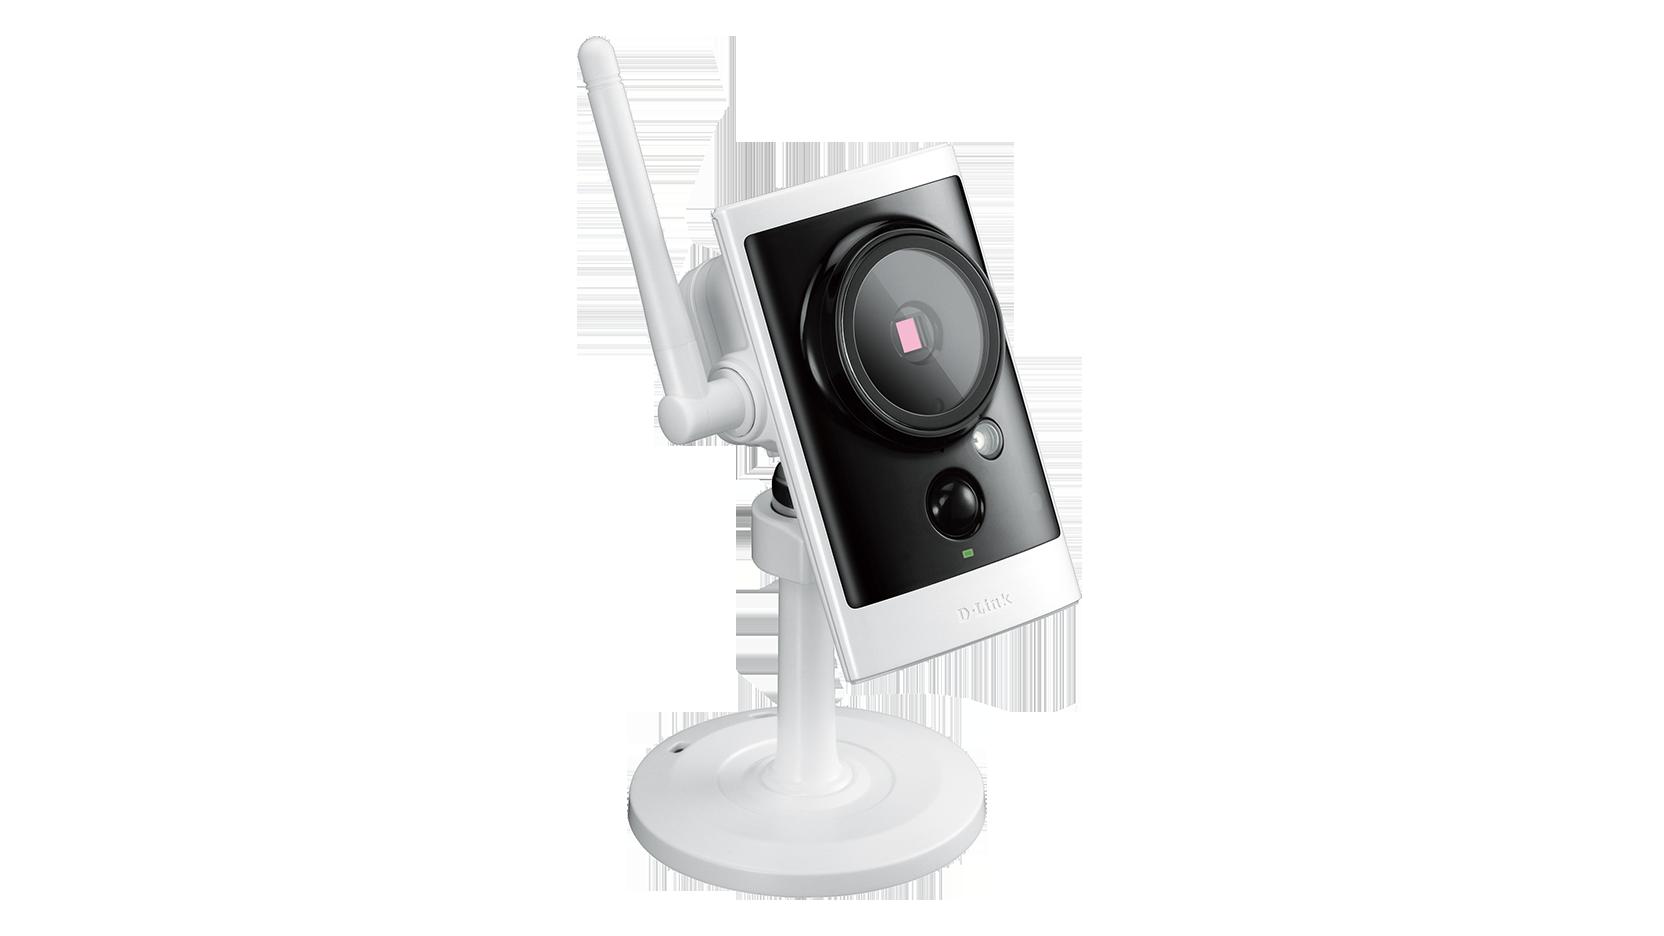 D-Link DCS-2330L Network Camera Download Drivers